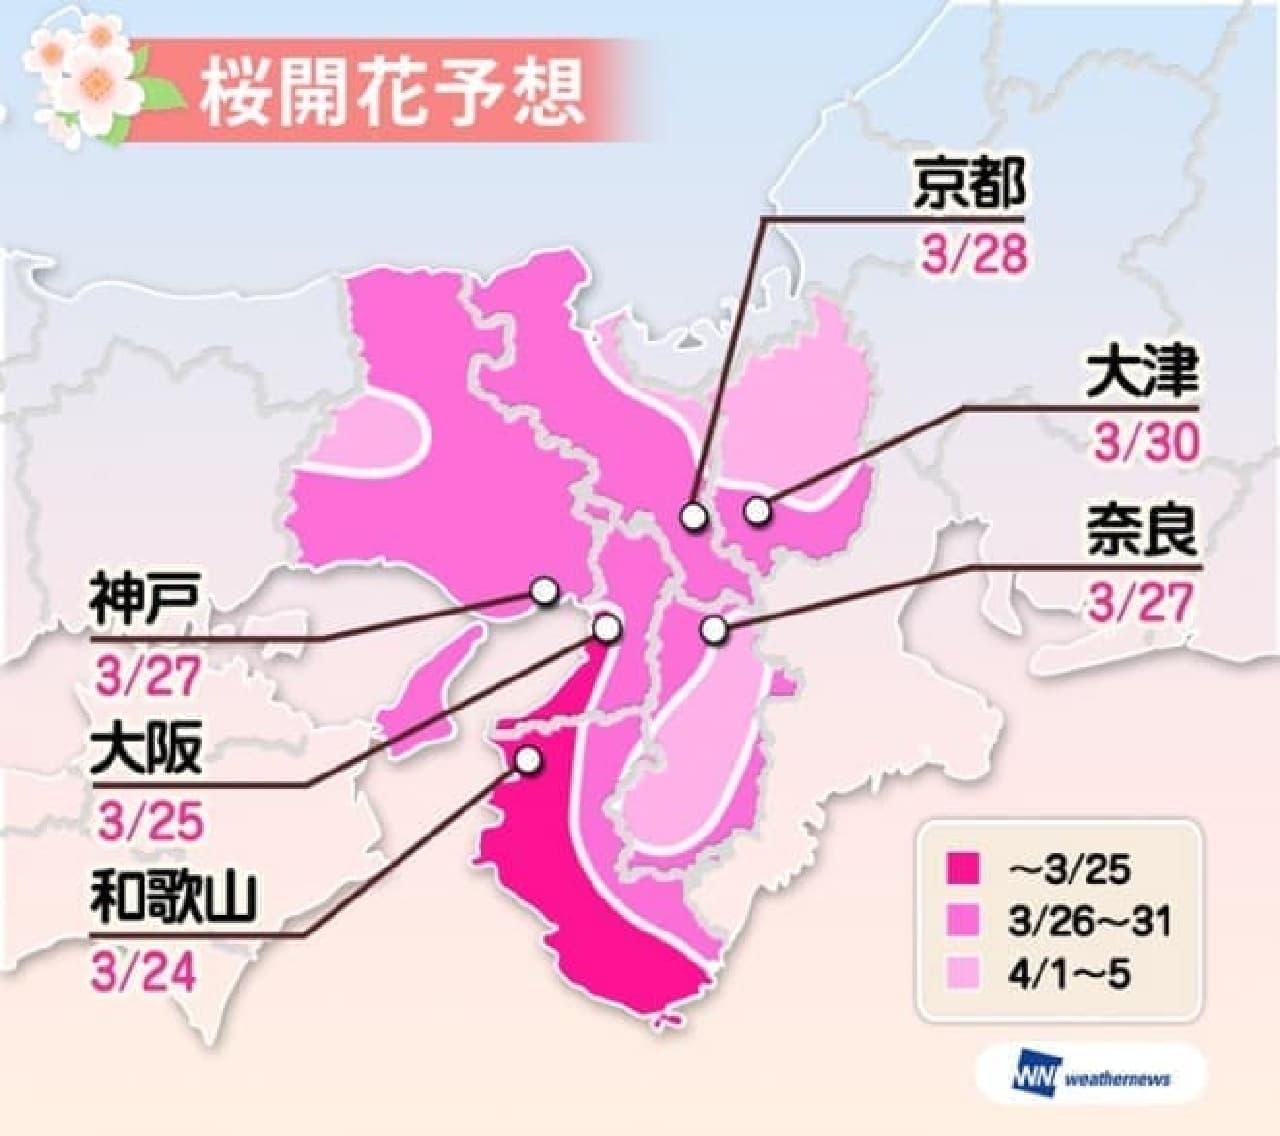 ウェザーニューズが「第二回桜開花予想」を公表